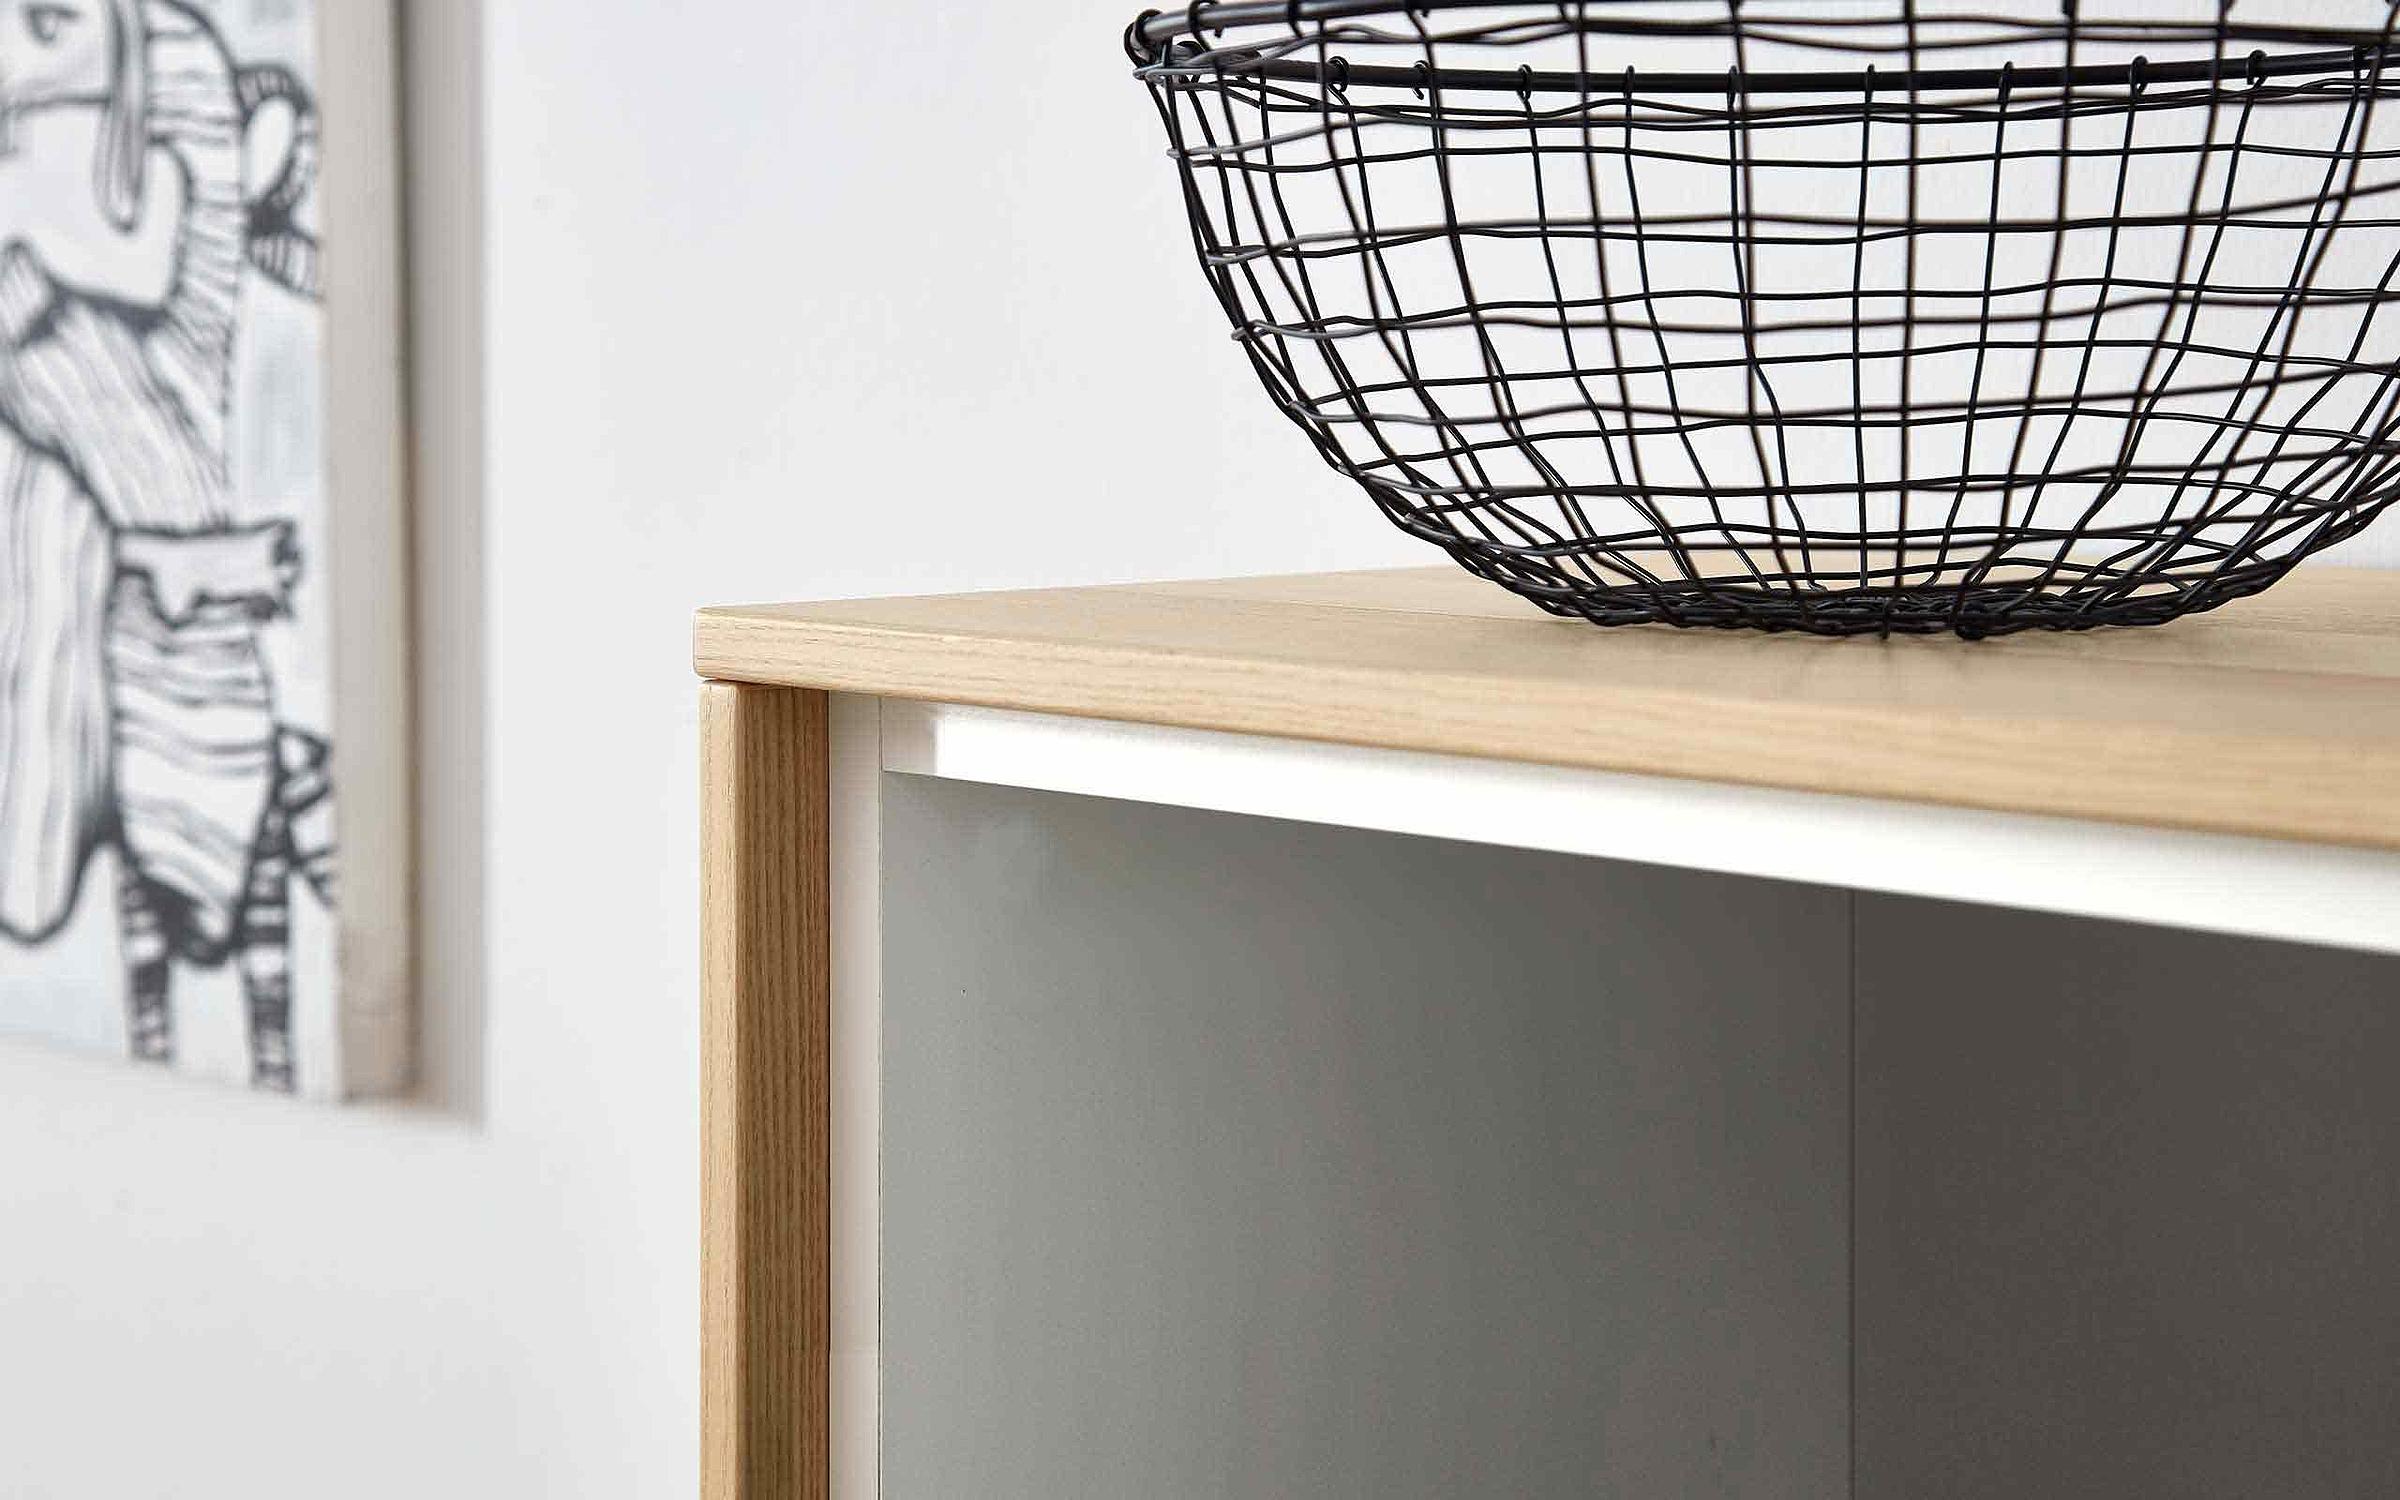 Sideboard Wohnzimmer Deviso Lack weiß